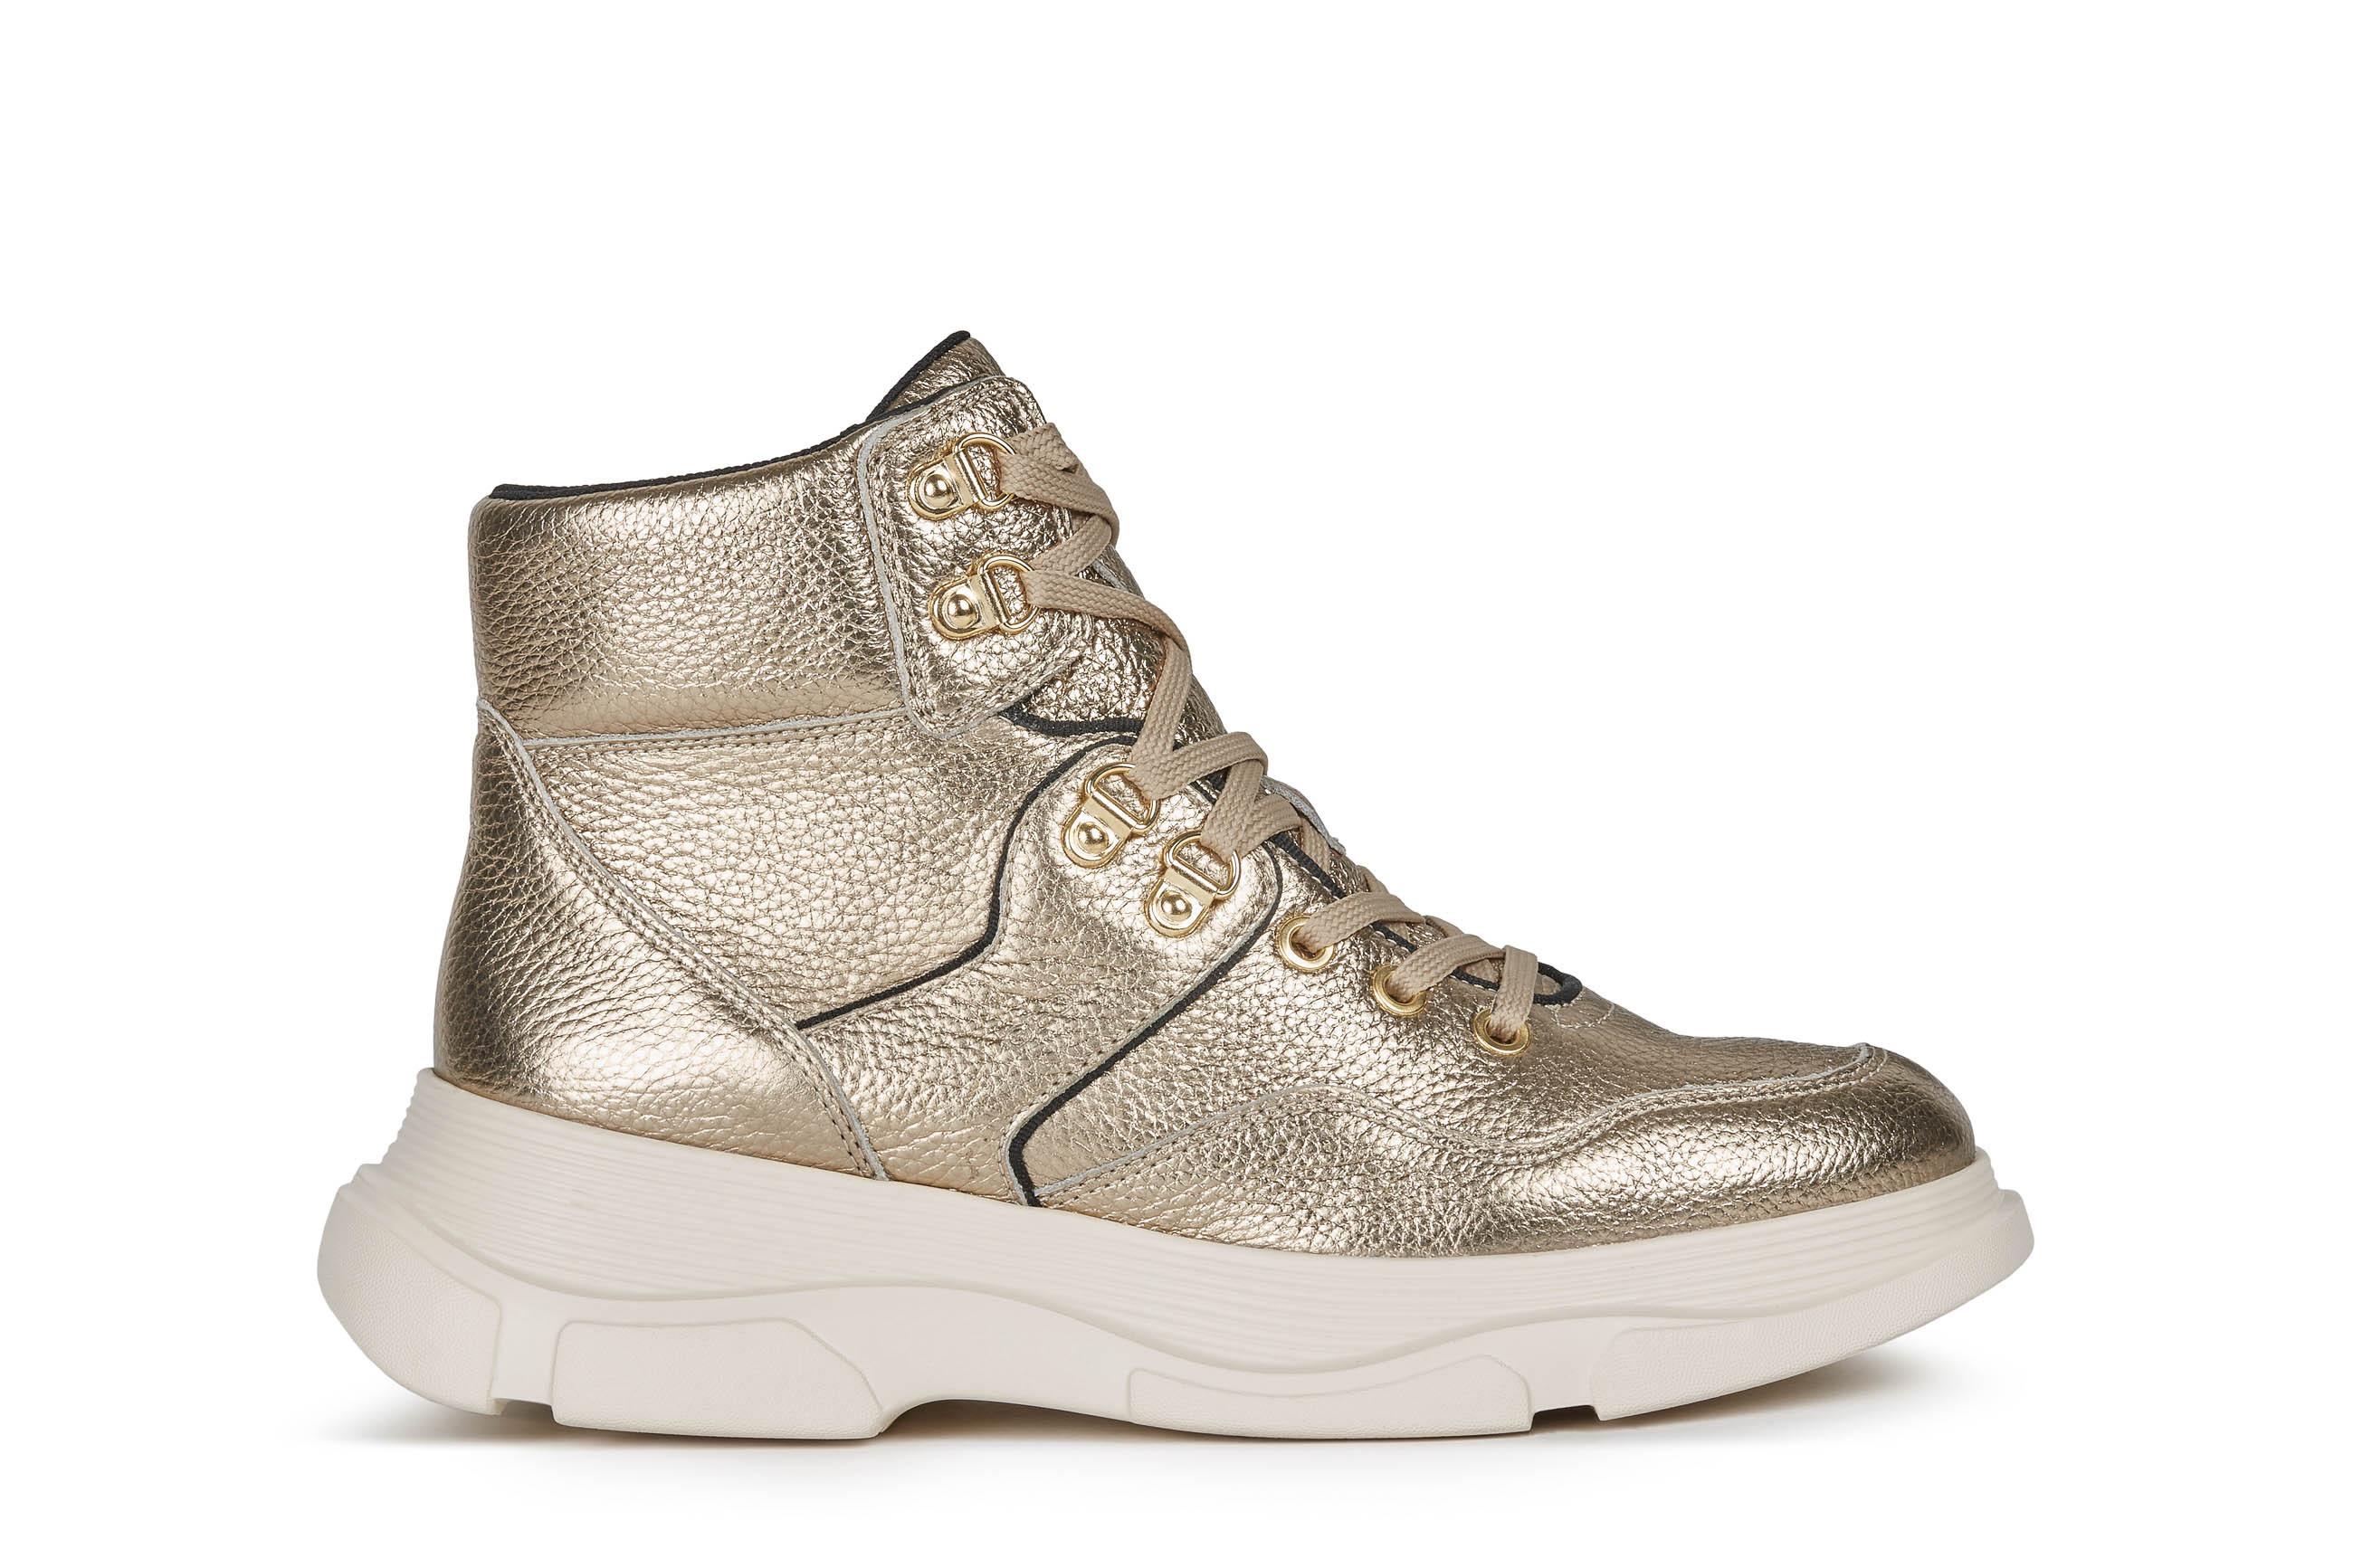 6de5d888 e0b4 4e47 ad5b e80c723225e3 - GEOX presenta su colección Otoño/Invierno 2020 de calzado y prendas exteriores para mujer